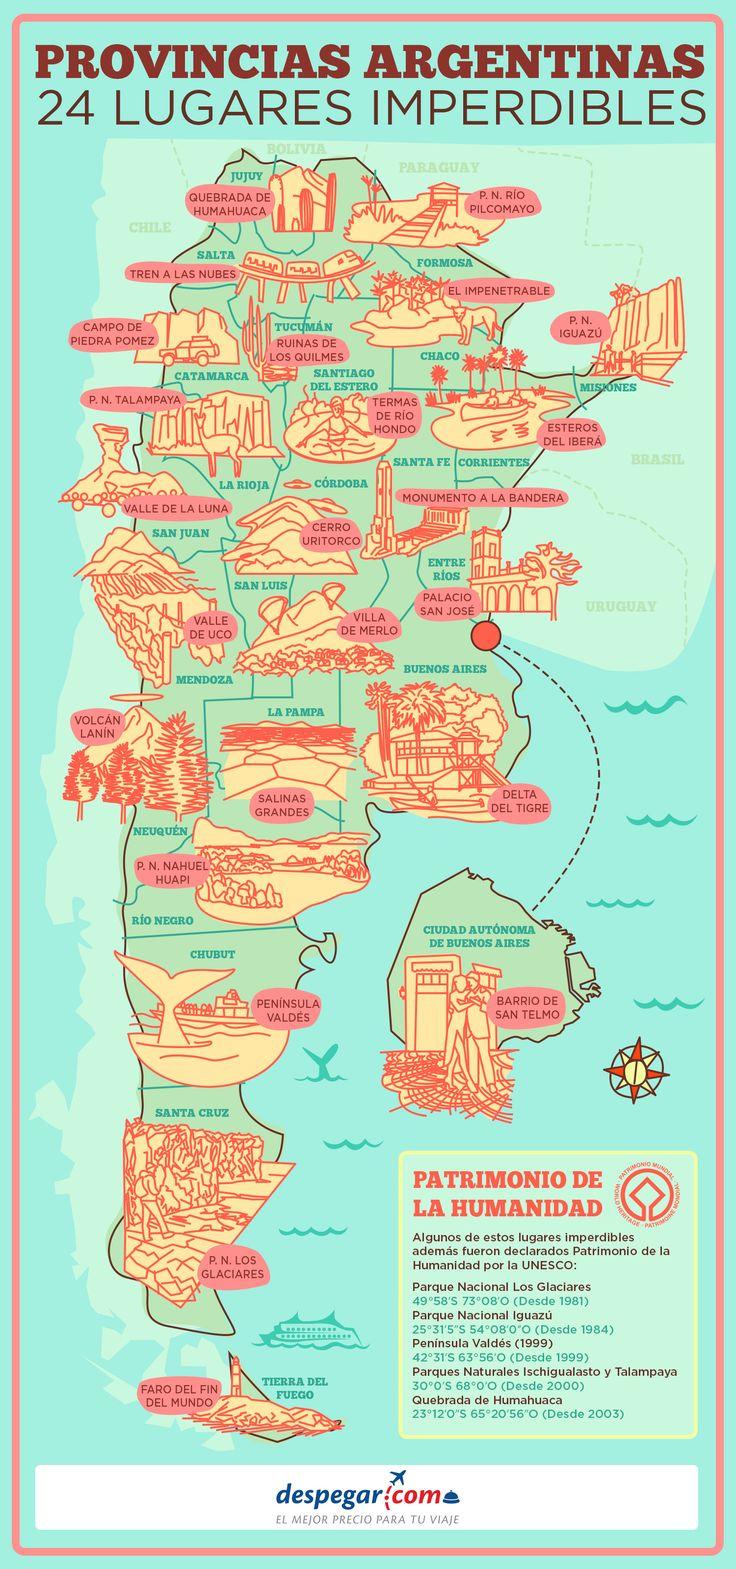 #Turismo #ARGENTINA